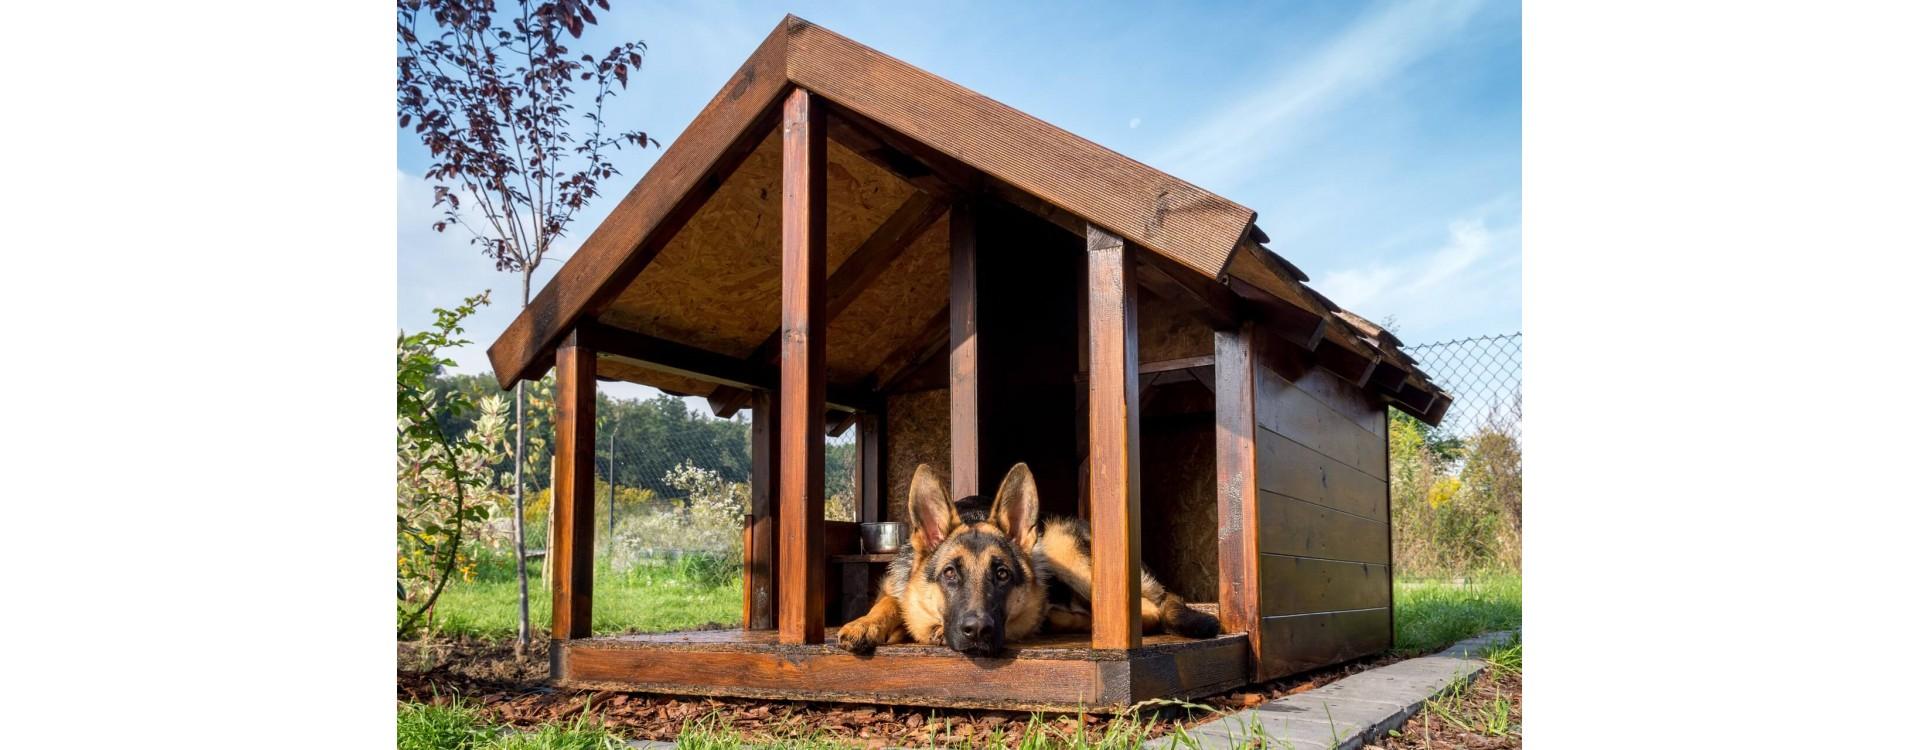 Rivestire Un Arco In Legno come costruire una cuccia per cani in legno - a proposito di